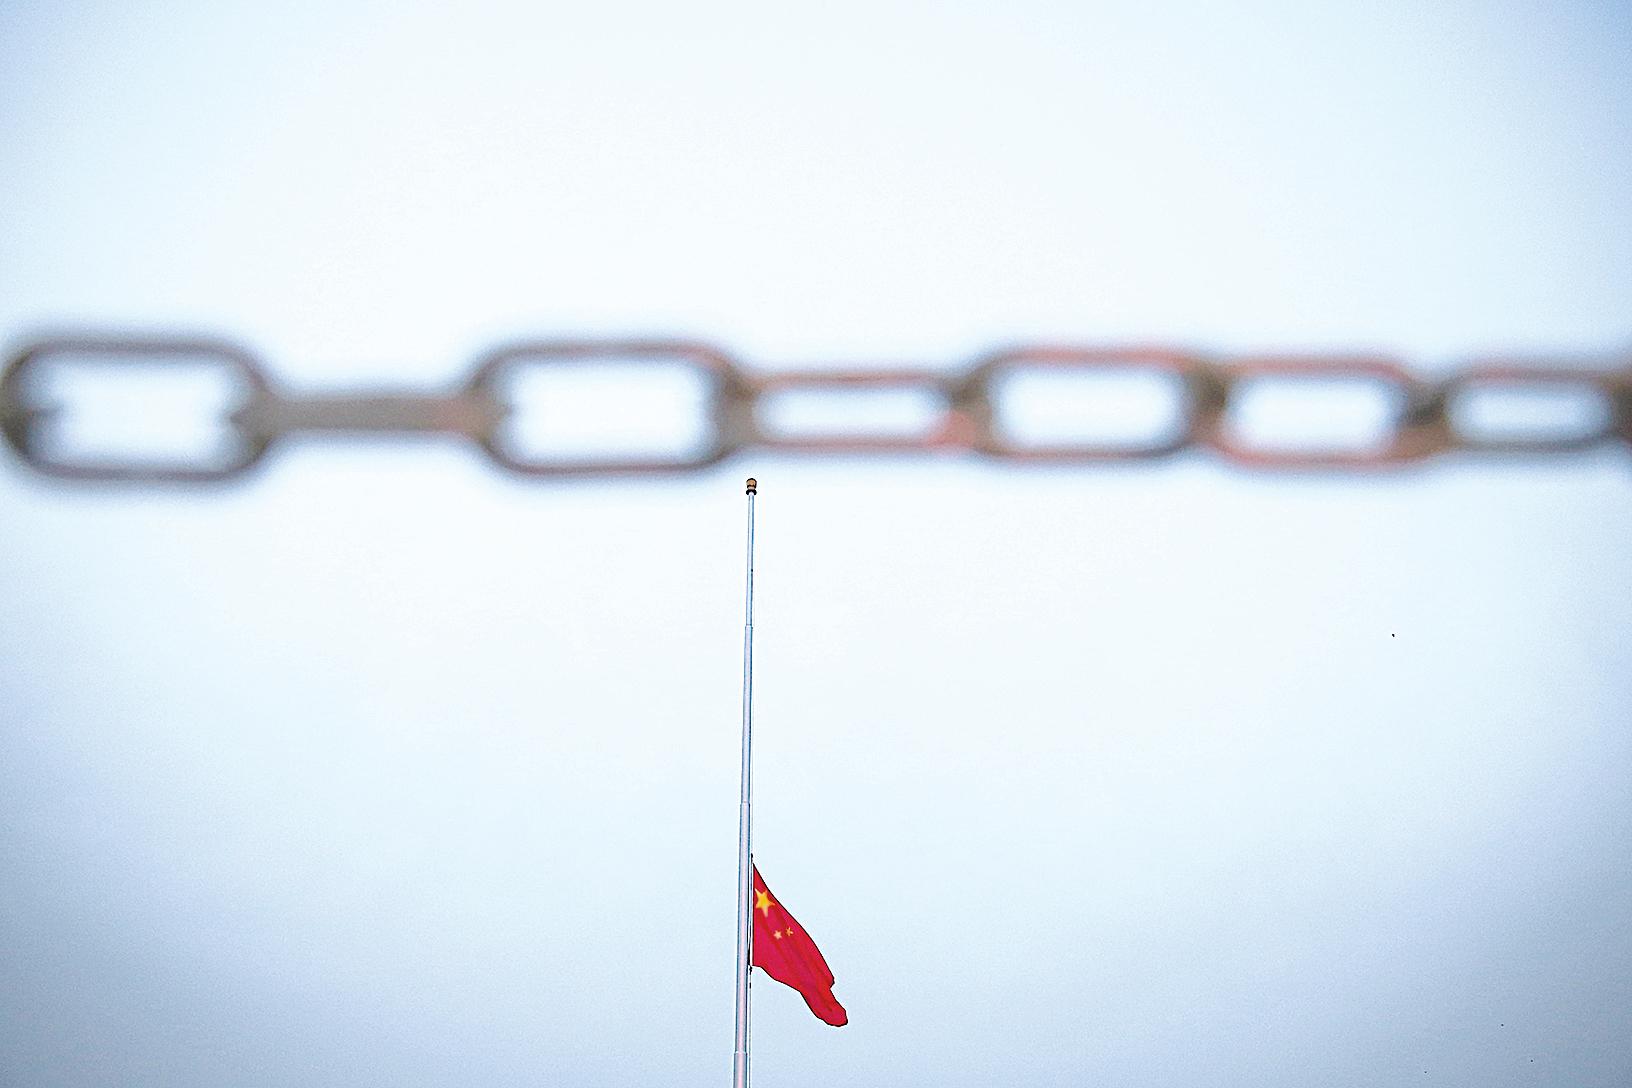 面對內外交困的中共政權,最後的徒勞掙扎只會被鎖鏈捆得更緊,加速其滅亡的過程。(Feng Li/Getty Images)